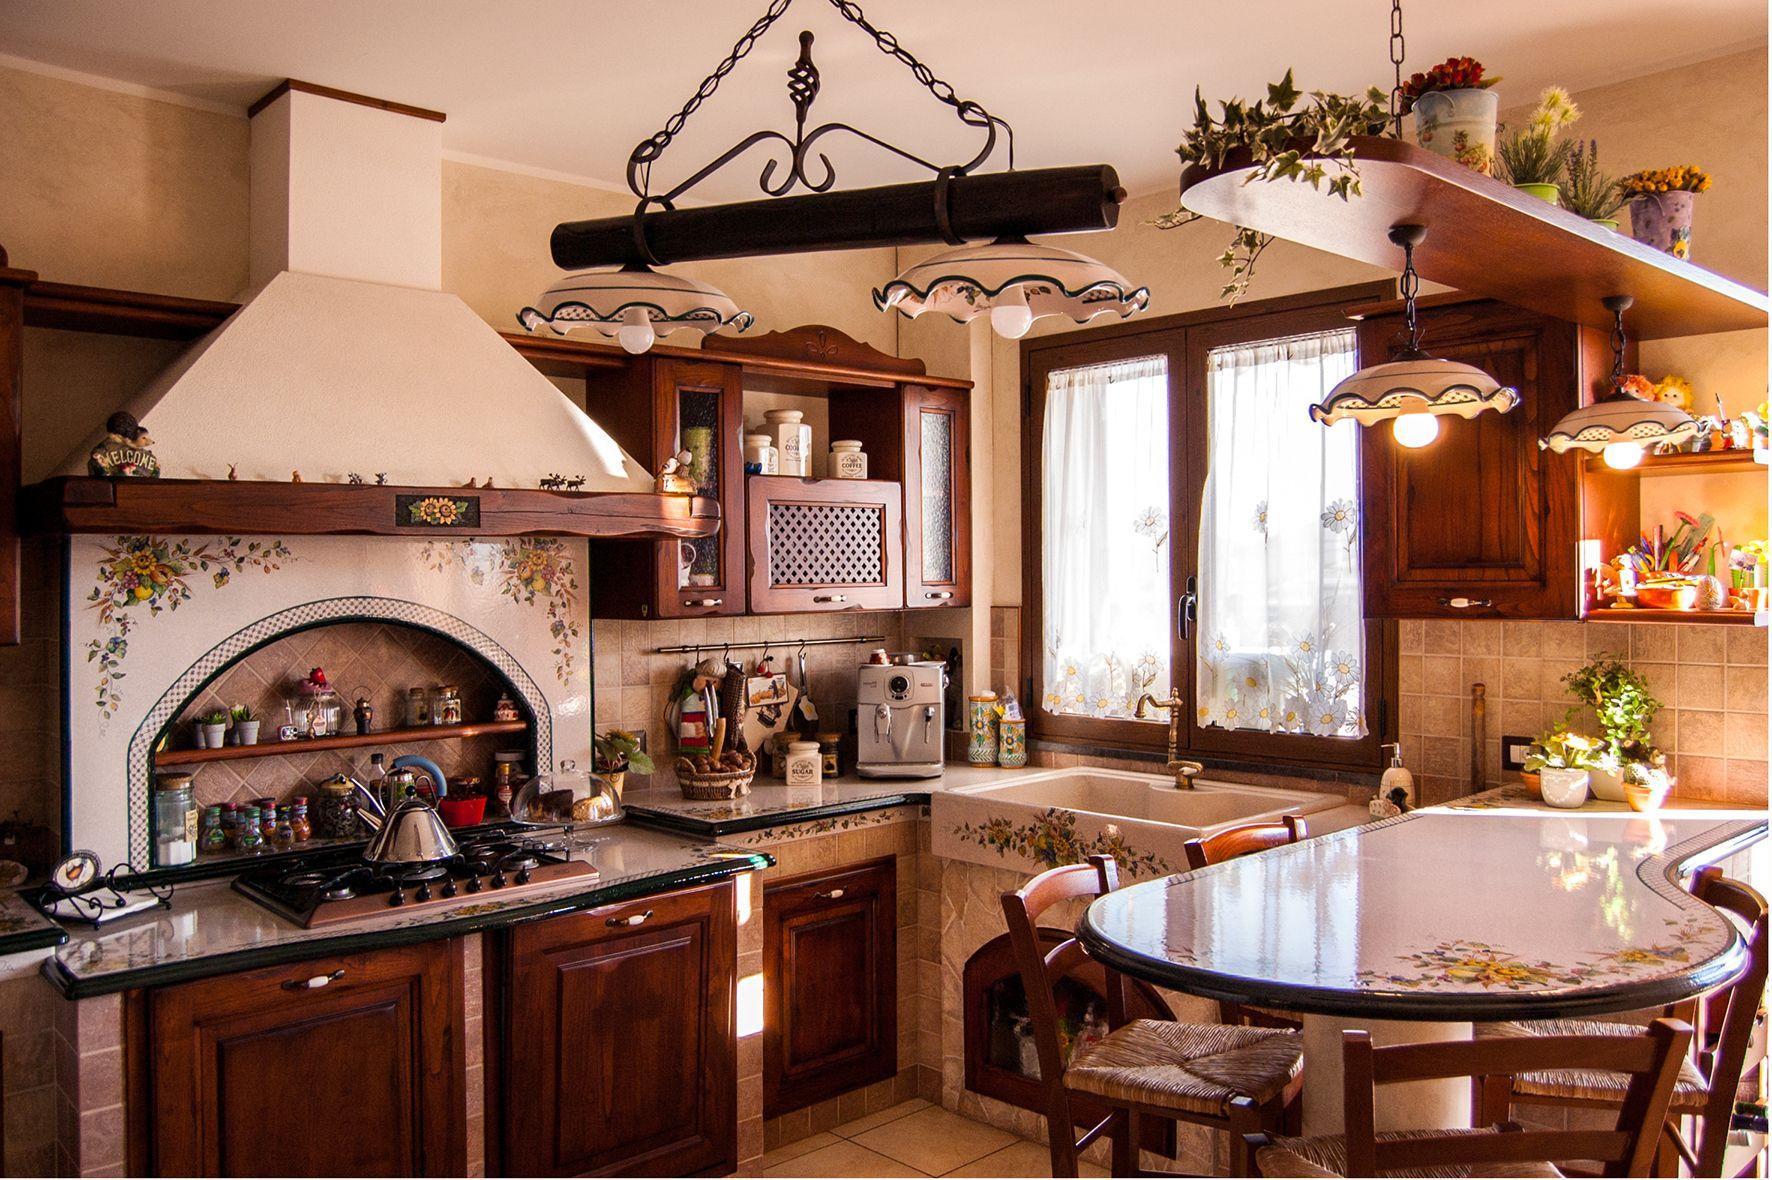 Fabbrica cucina in muratura componibile smontabile con for Fabbrica cucine